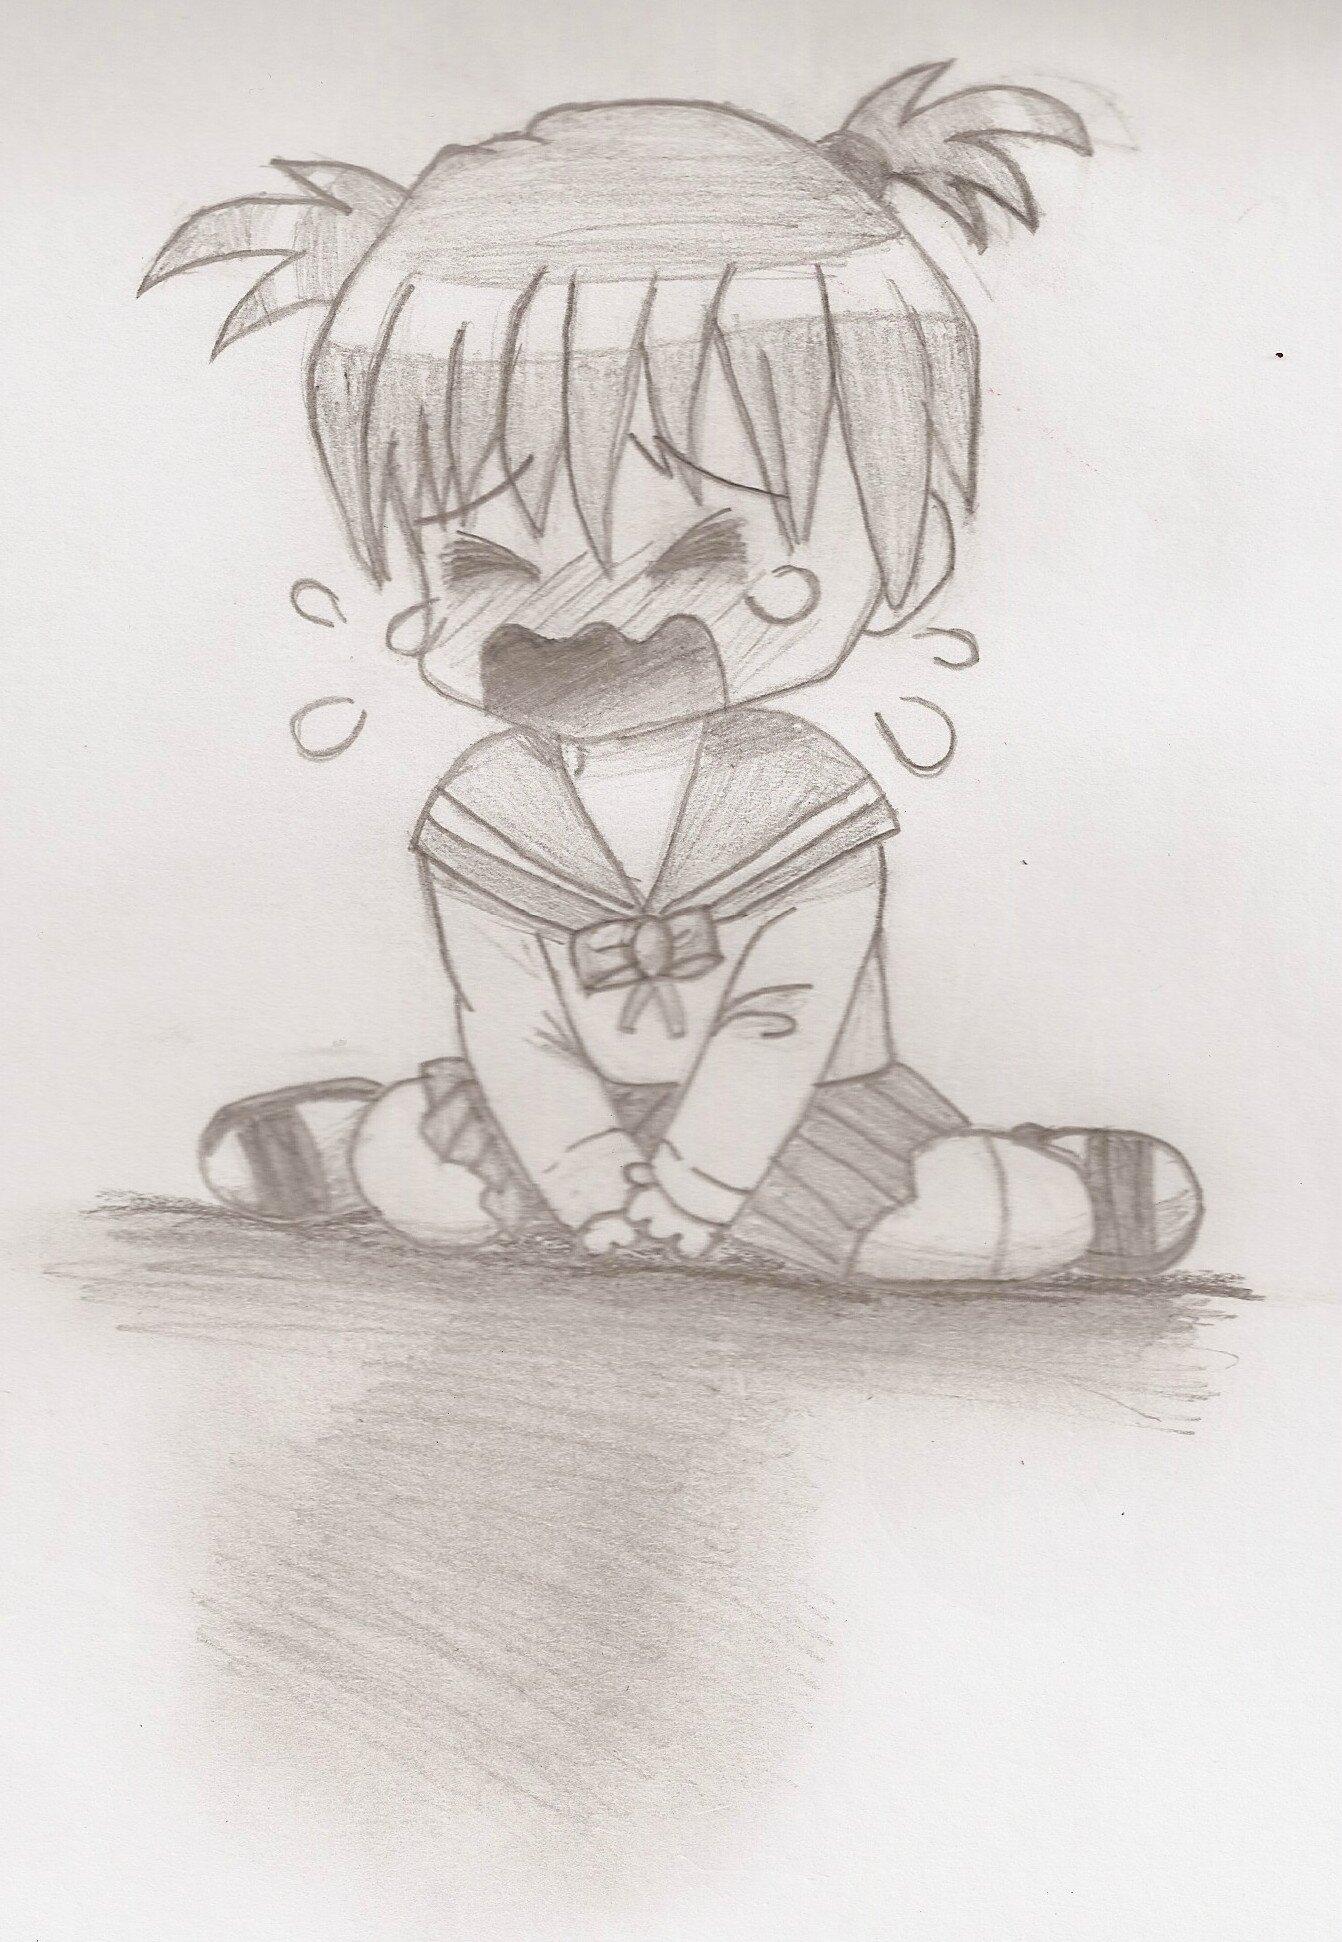 Dessin Manga Qui Pleure